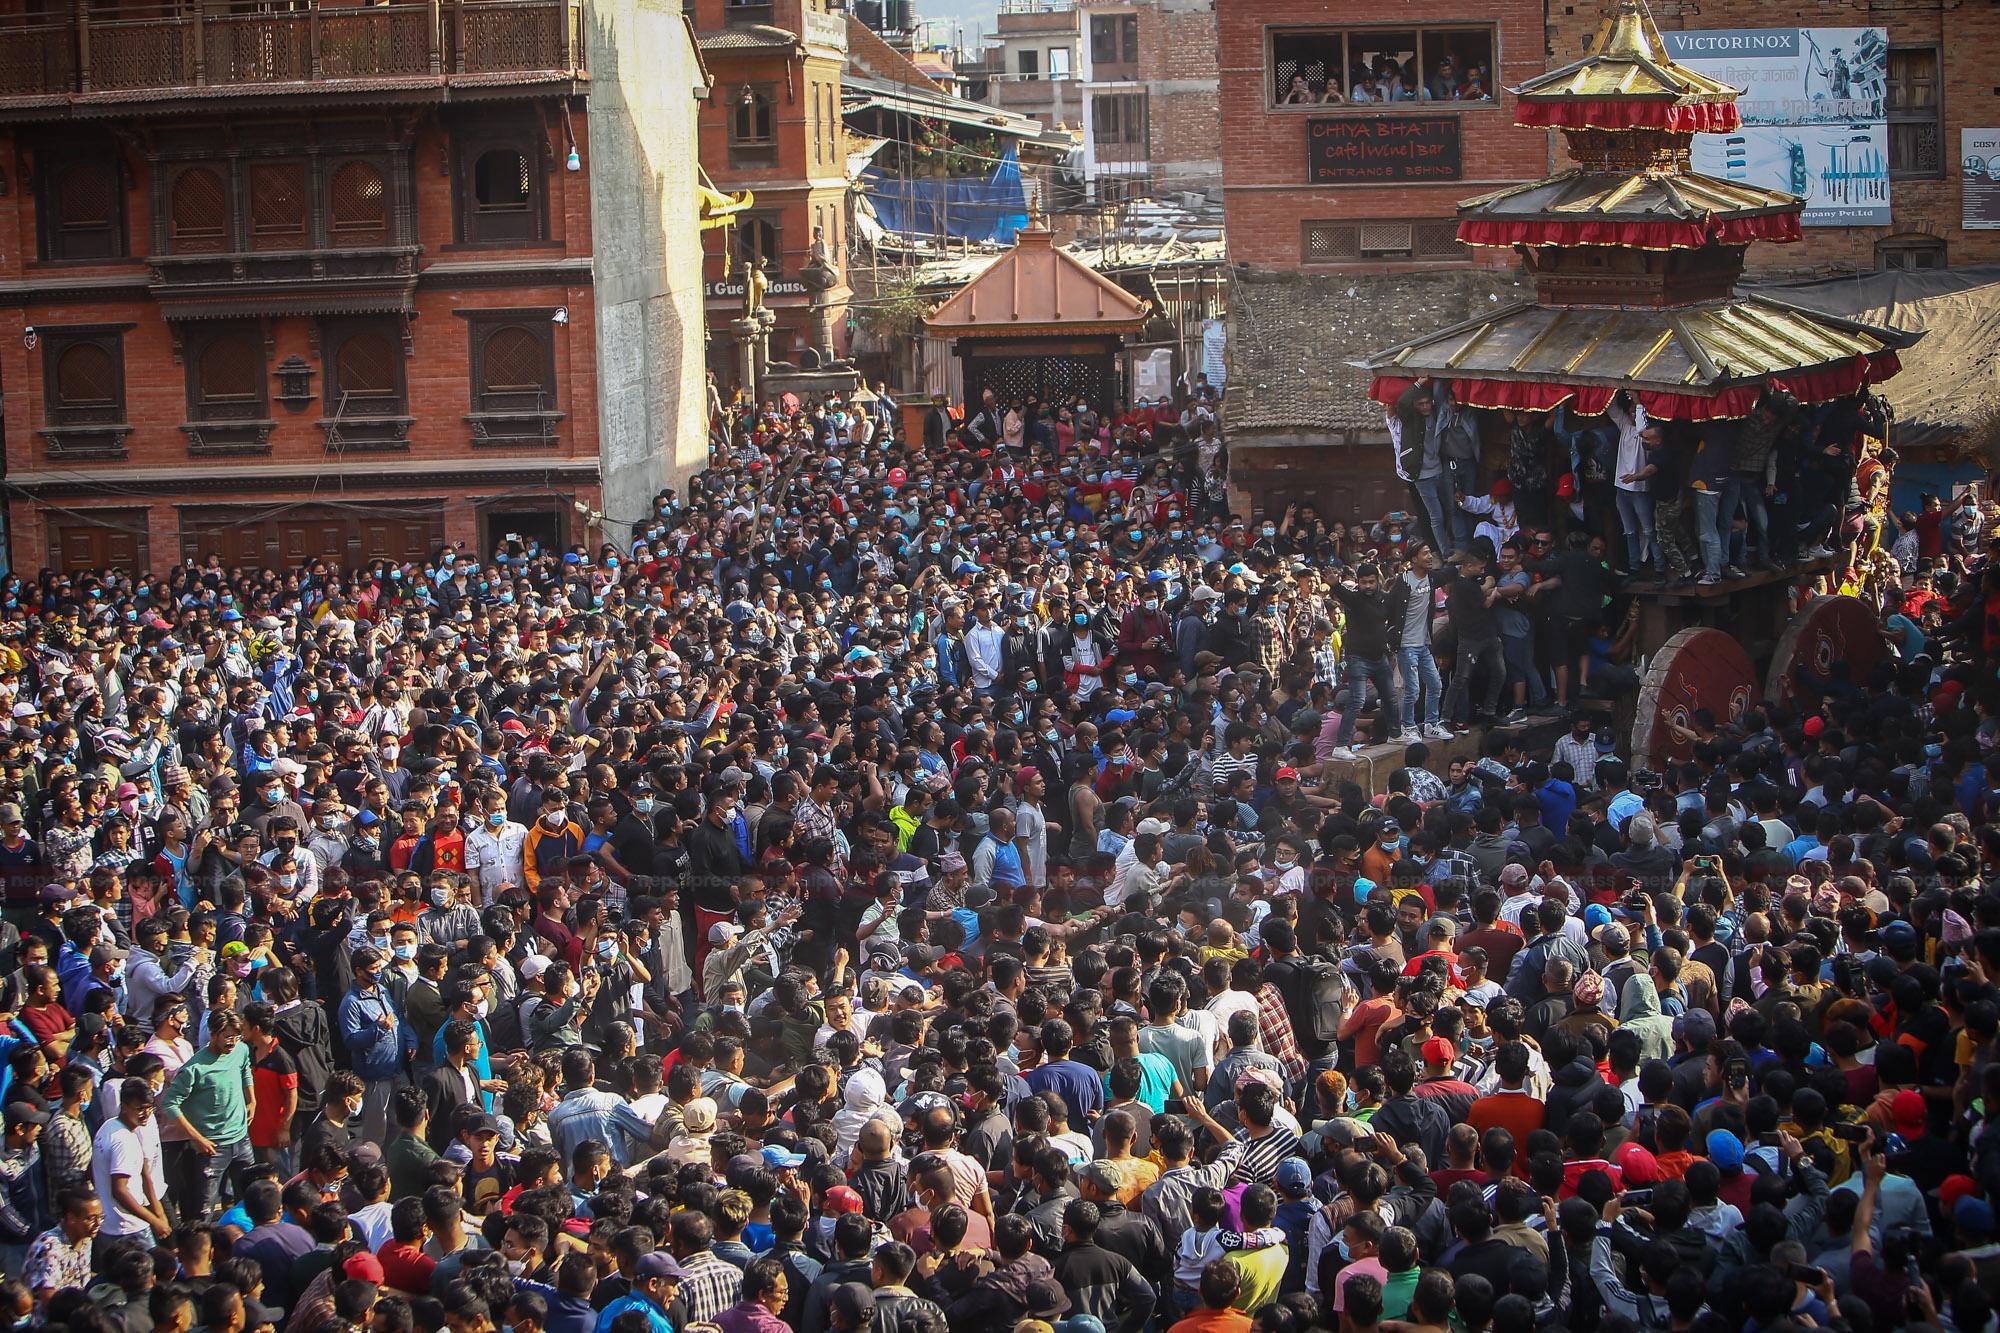 महालक्ष्मीमा लिङ्गो उठाएसँगै बिस्केट जात्रा शुरुः मध्यपुरथिमिमा चार दिन सार्वजनिक बिदा